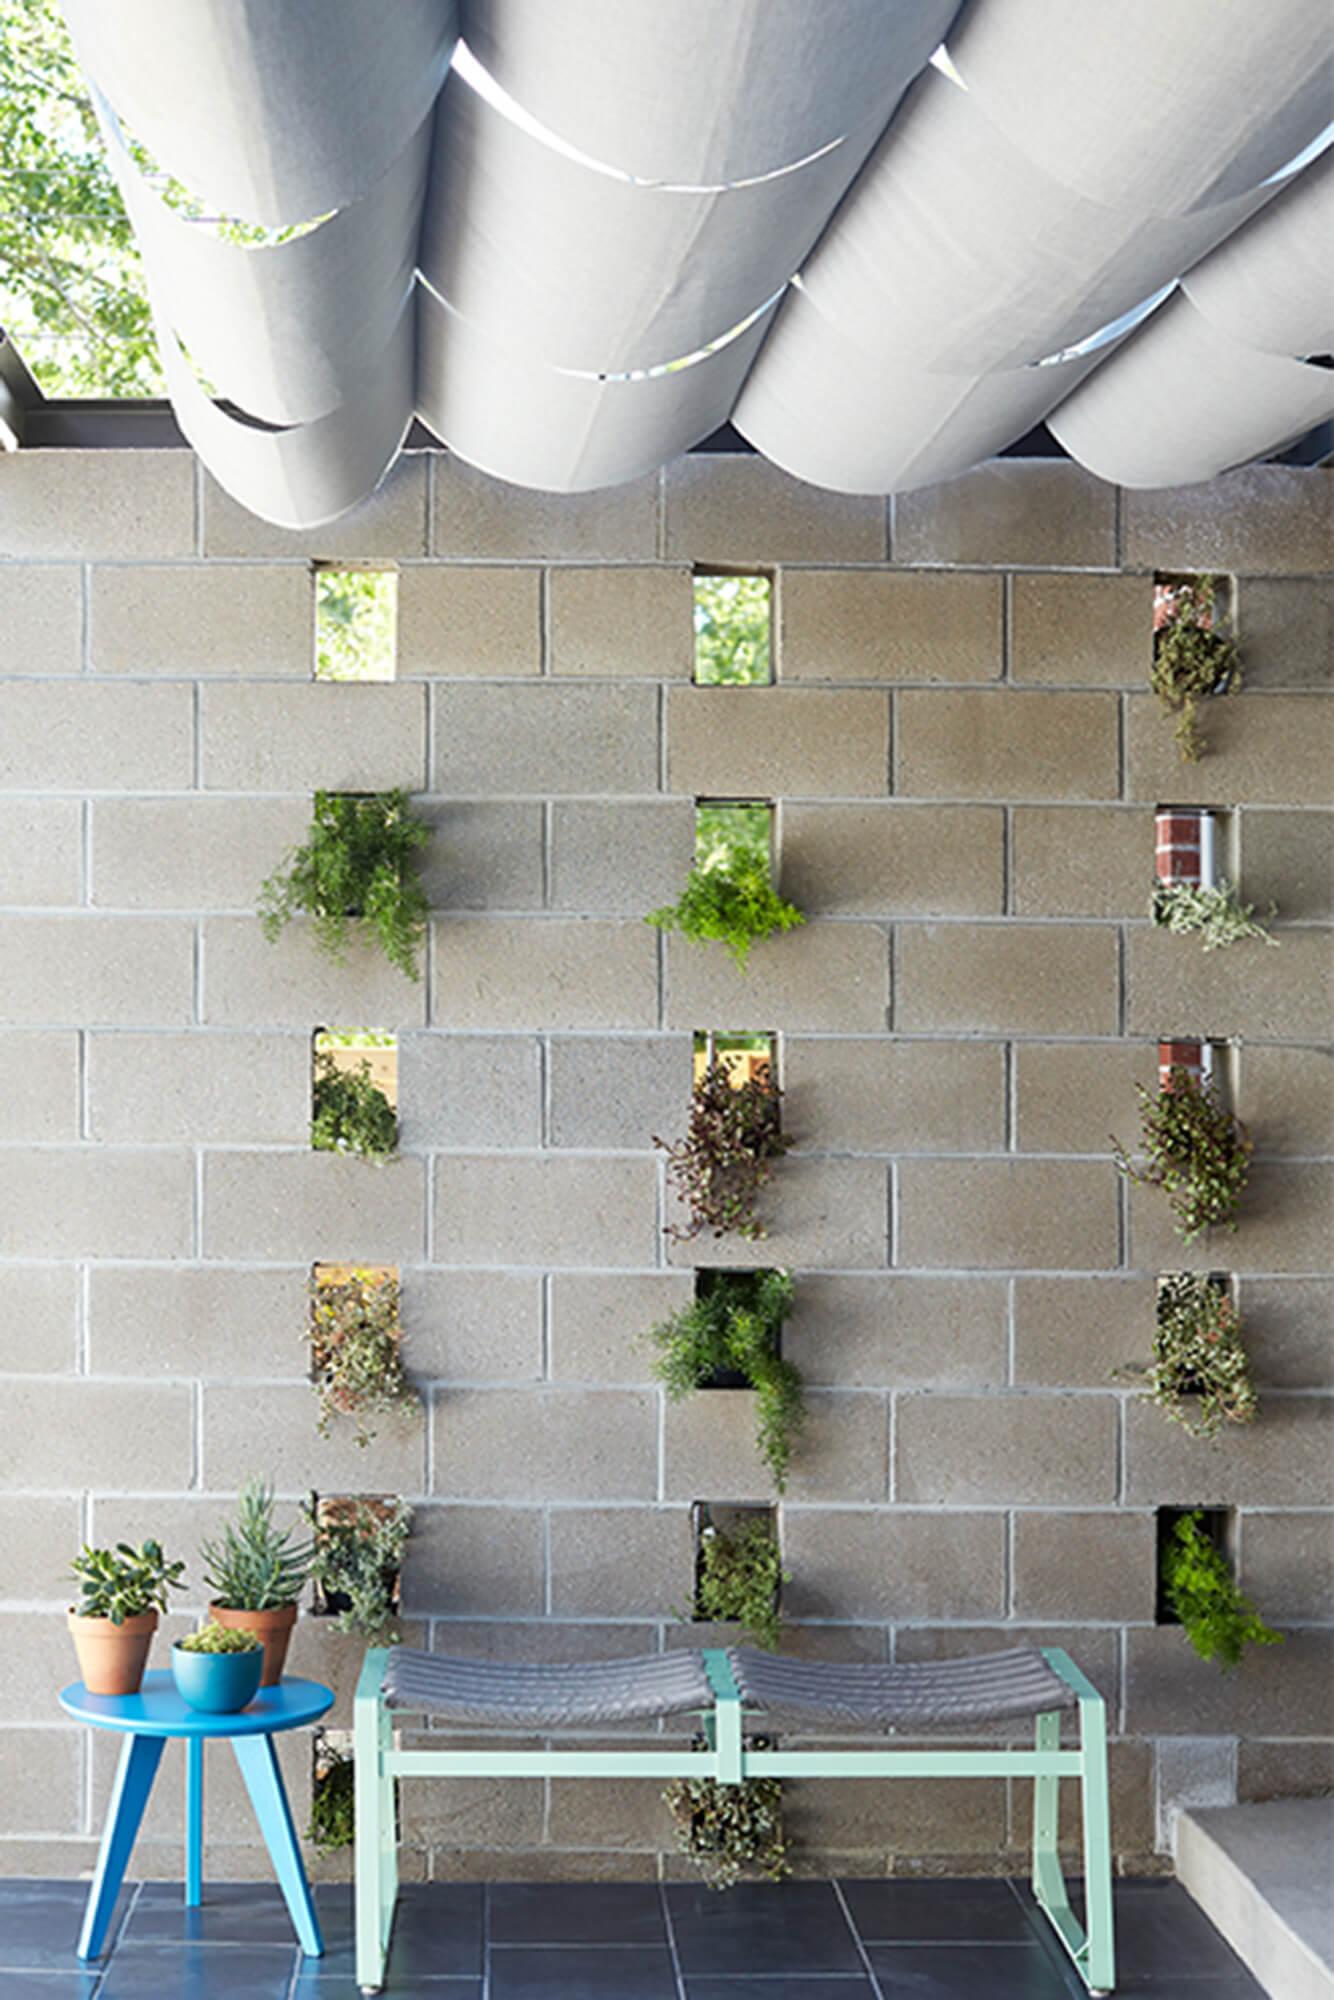 由 Sunbrella 织物制成的绿廊为露台遮阴